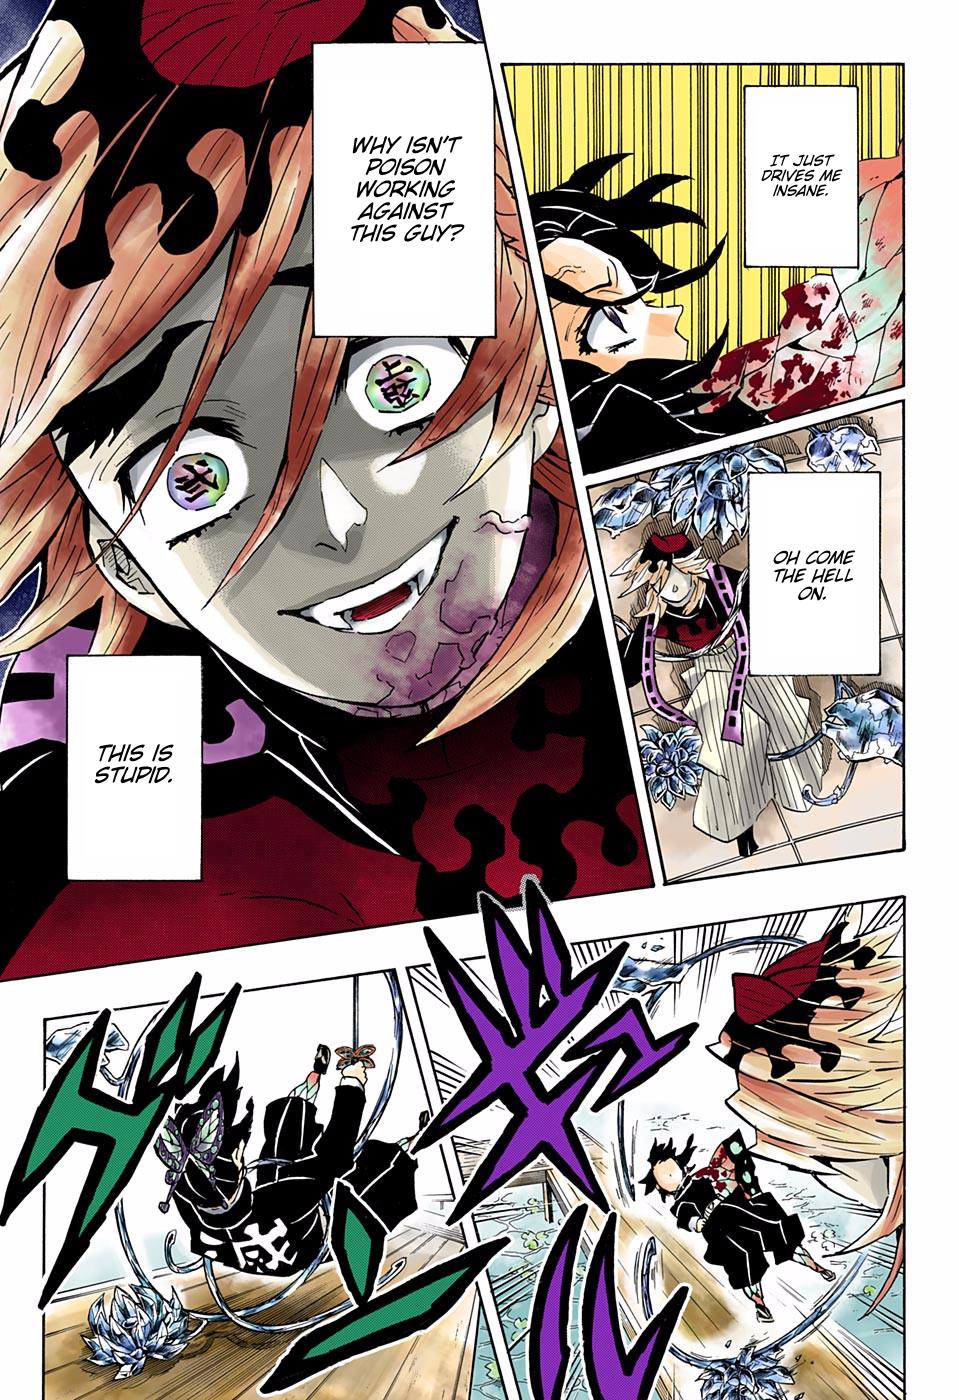 Kimetsu No Yaiba Digital Colored Comics Chapter 143 Anime Demon Pink Art Slayer Anime